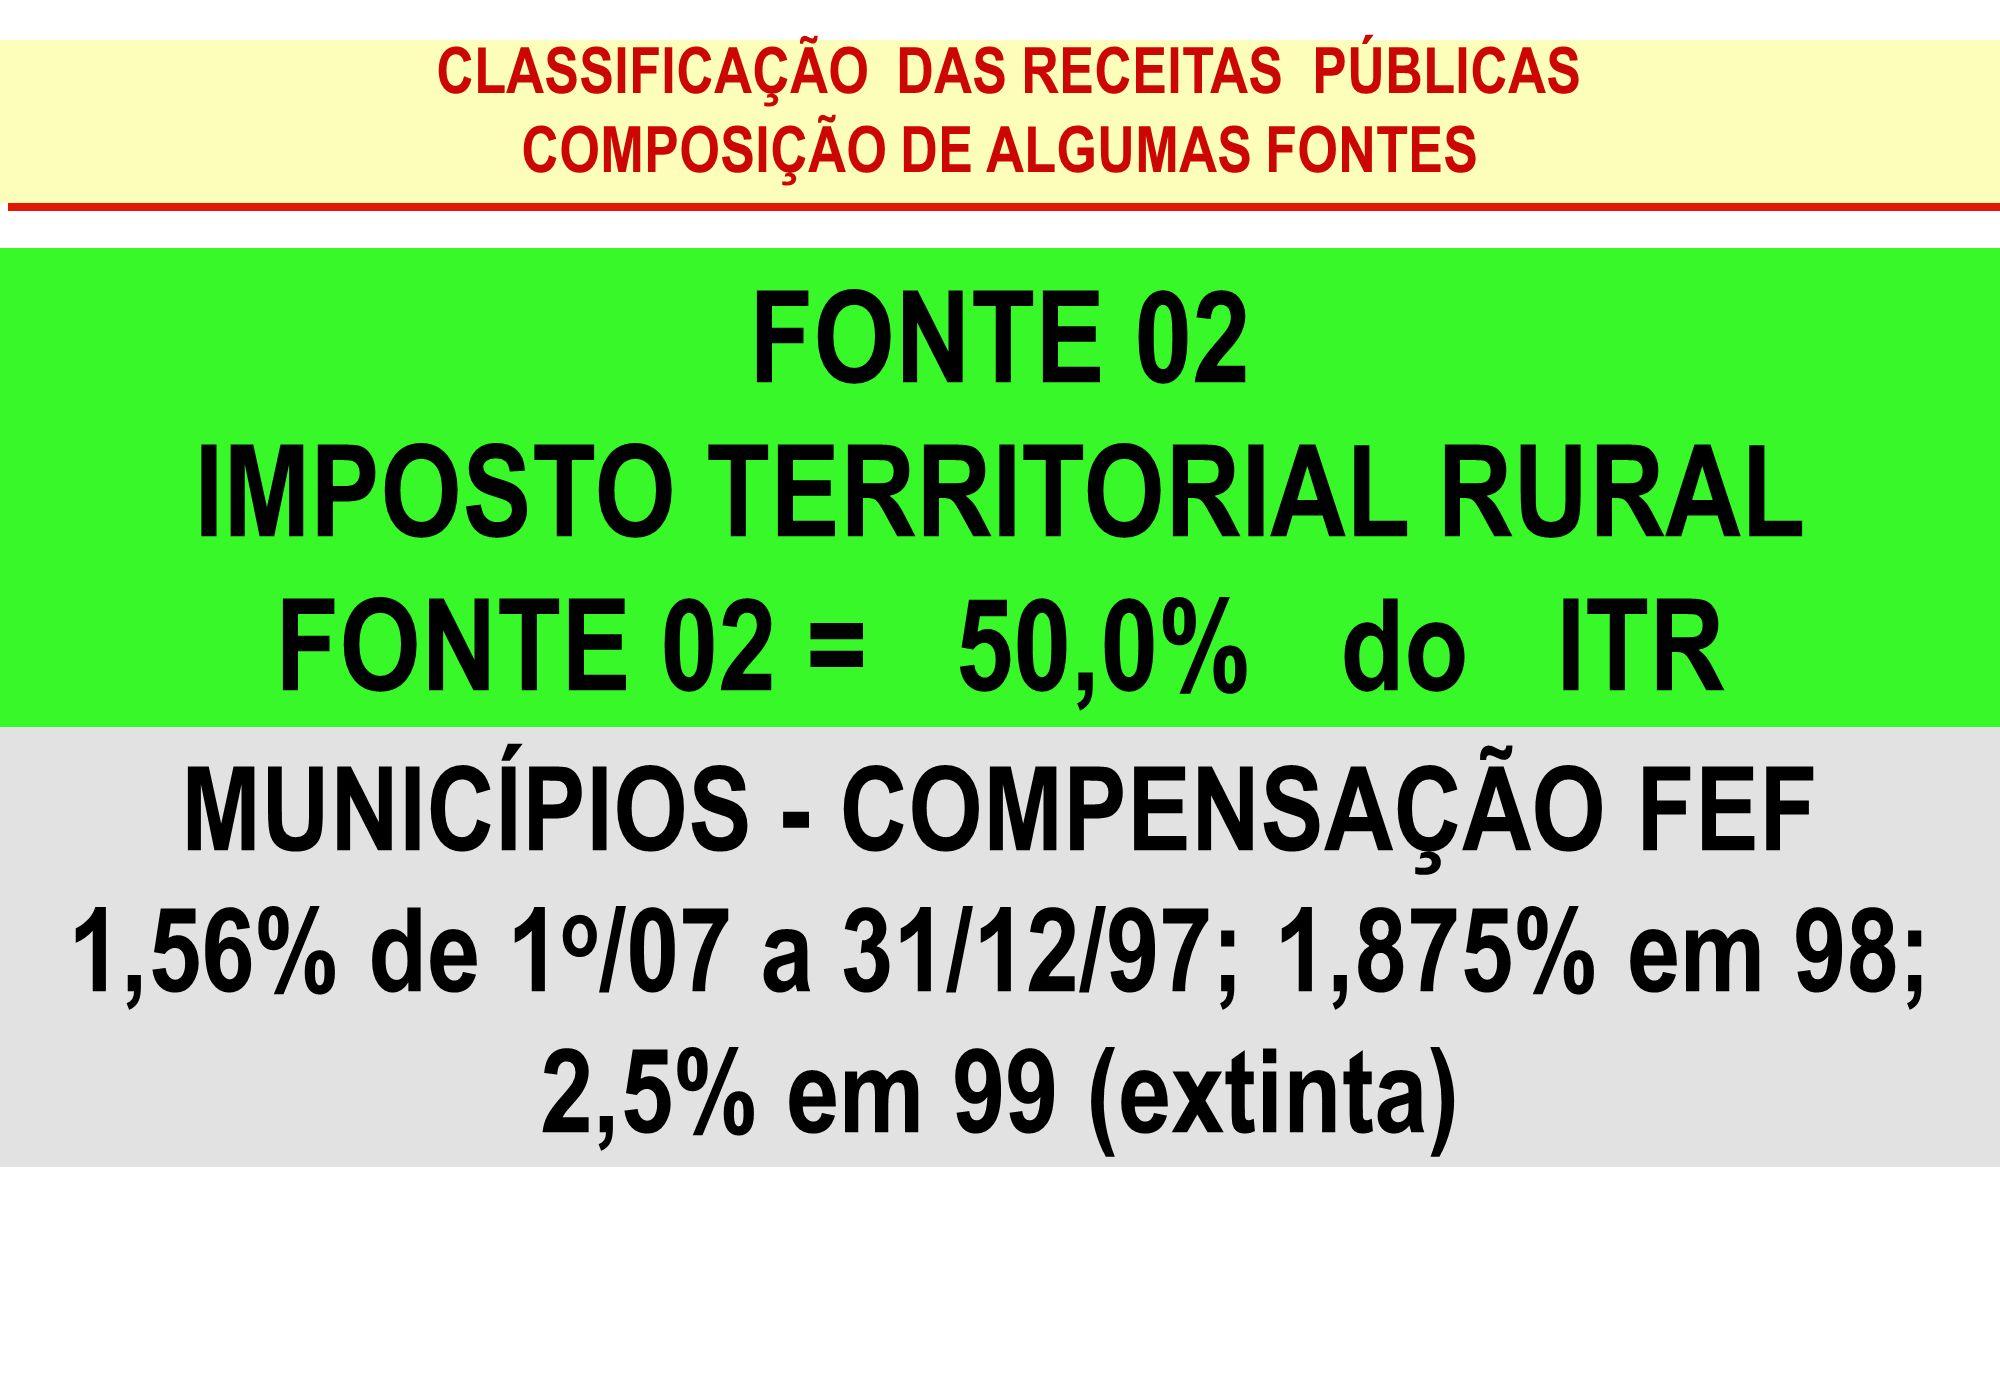 FONTE 02 IMPOSTO TERRITORIAL RURAL FONTE 02 = 50,0% do ITR